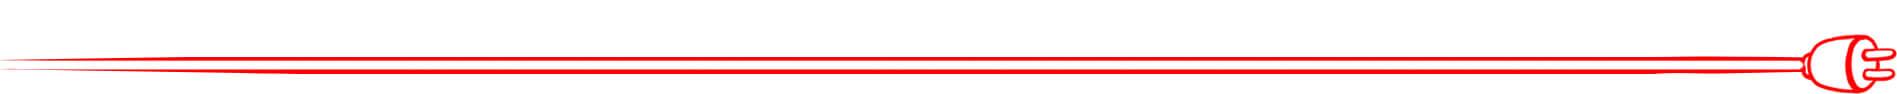 Strom vergleichen - Kapiteltrenner rotes Stromkabel rechts